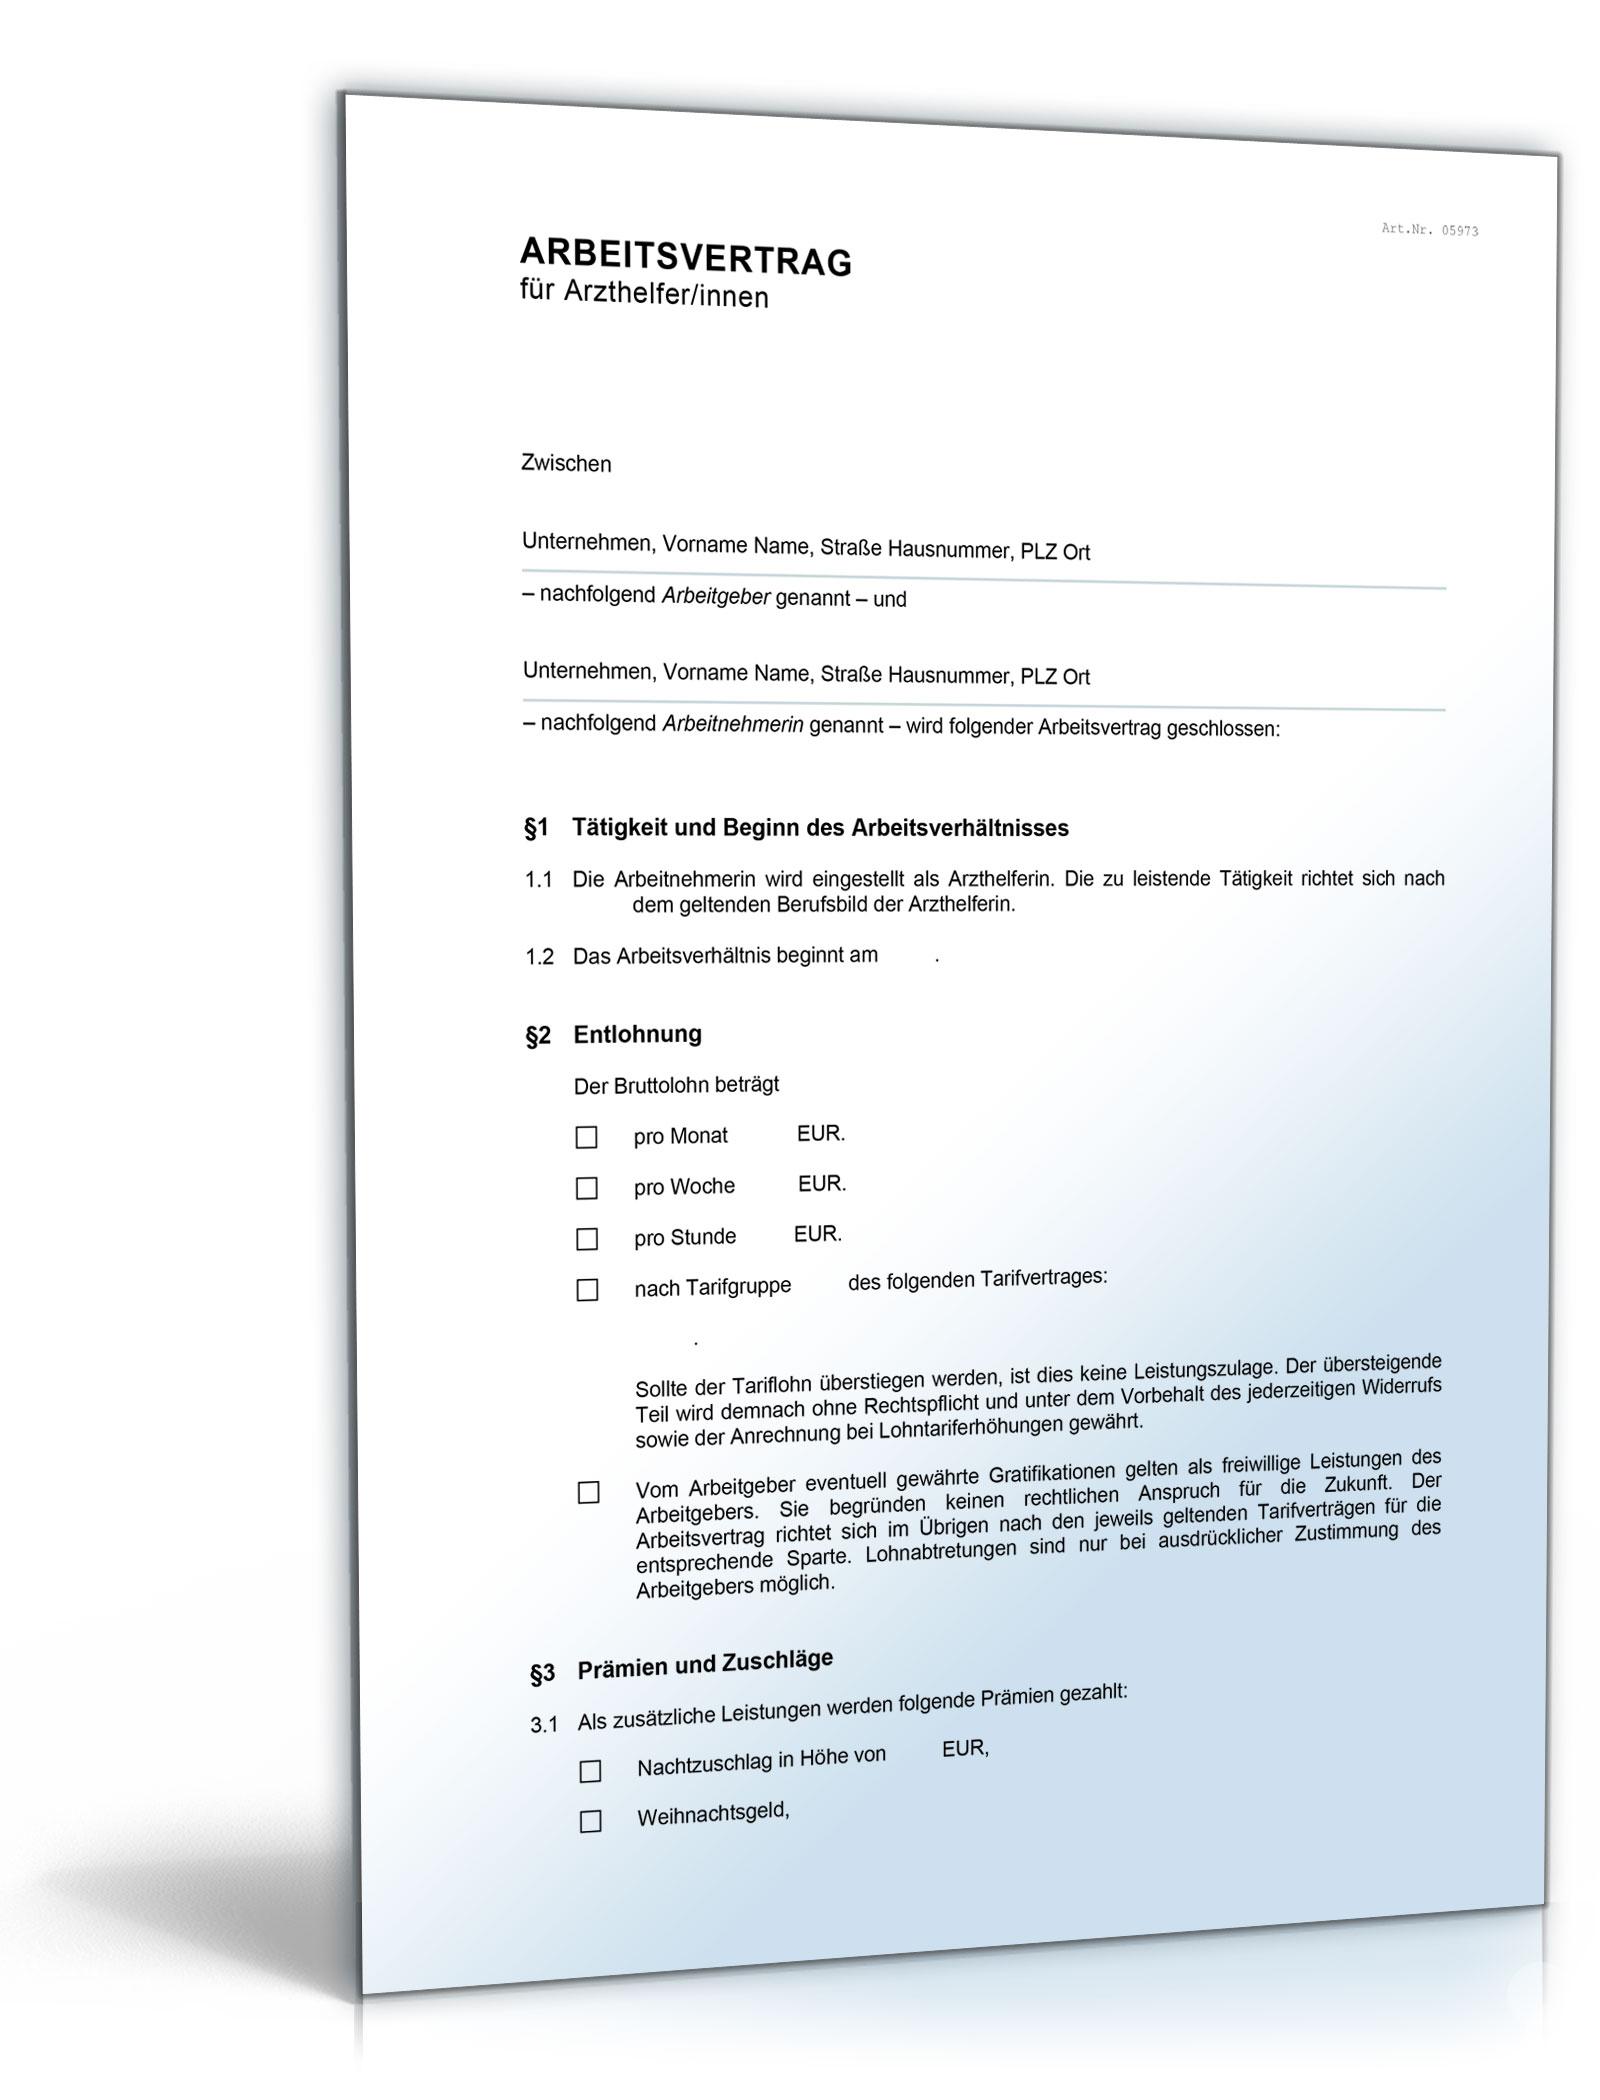 Arbeitsvertrag Für Medizinische Fachangestellte Mfa De Vertrag